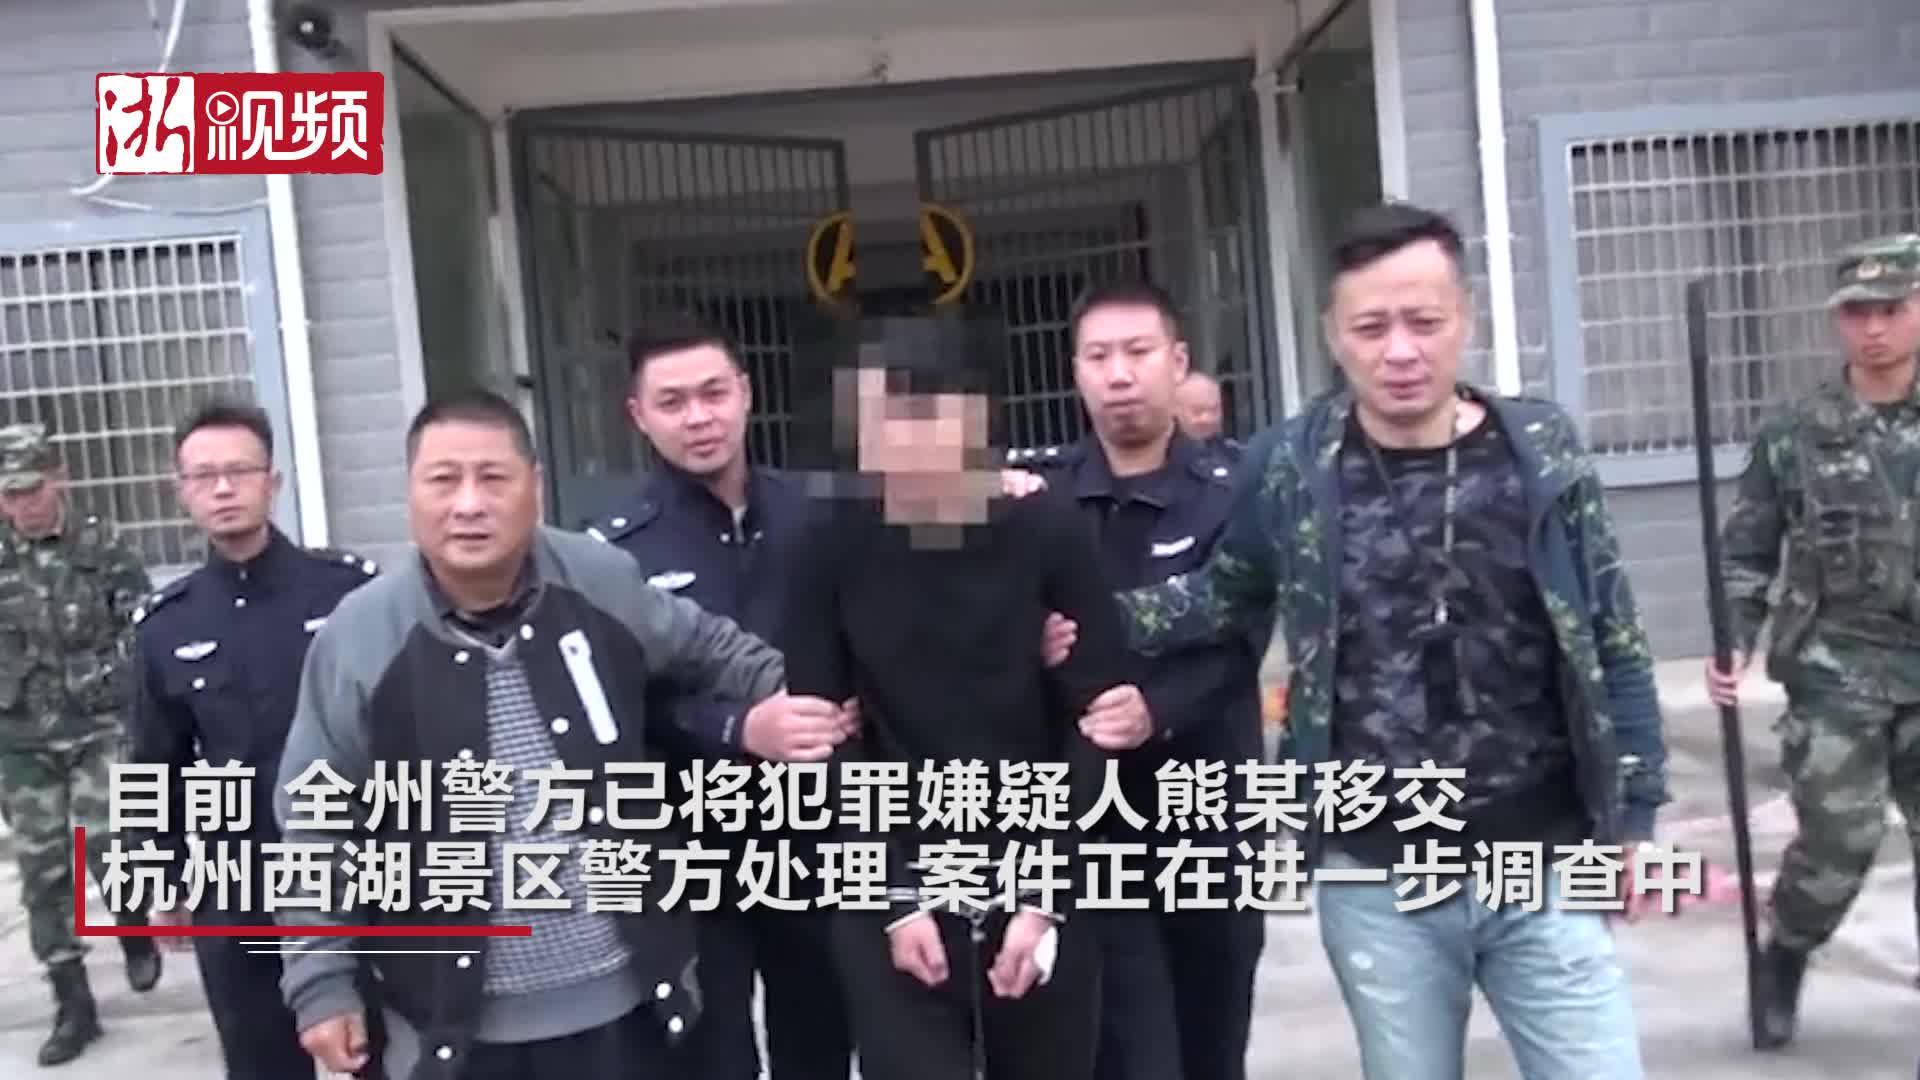 厉害!杭州警方千里追凶在桂林抓获杀害浙大女生的嫌疑人